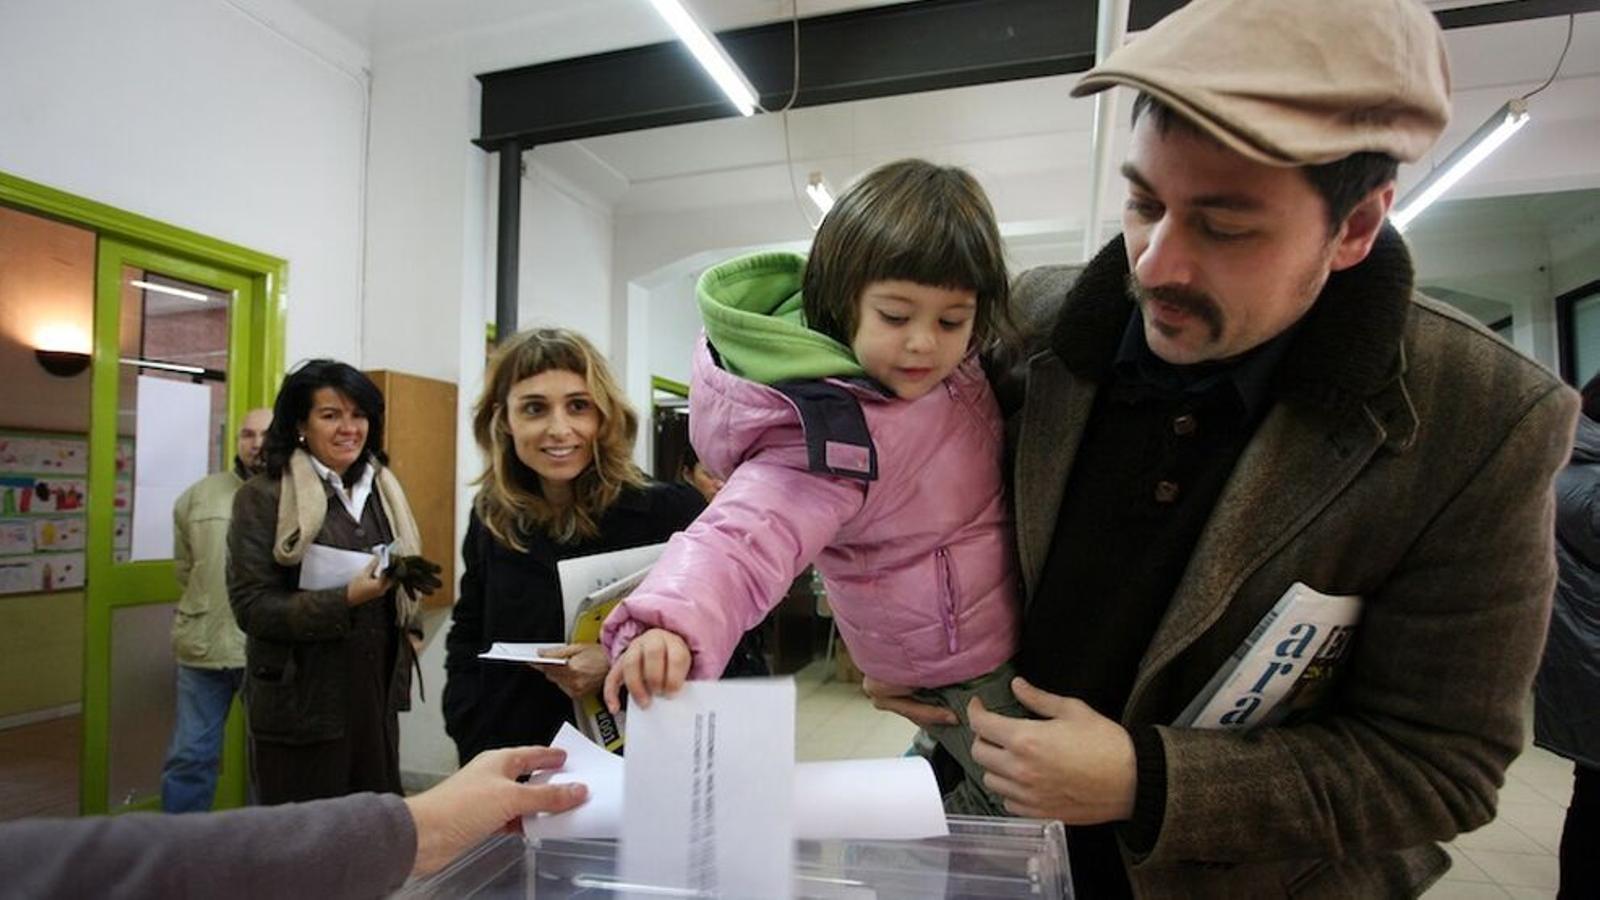 Los catalanes votarán en pabellones y no en escuelas en las elecciones del 14-F